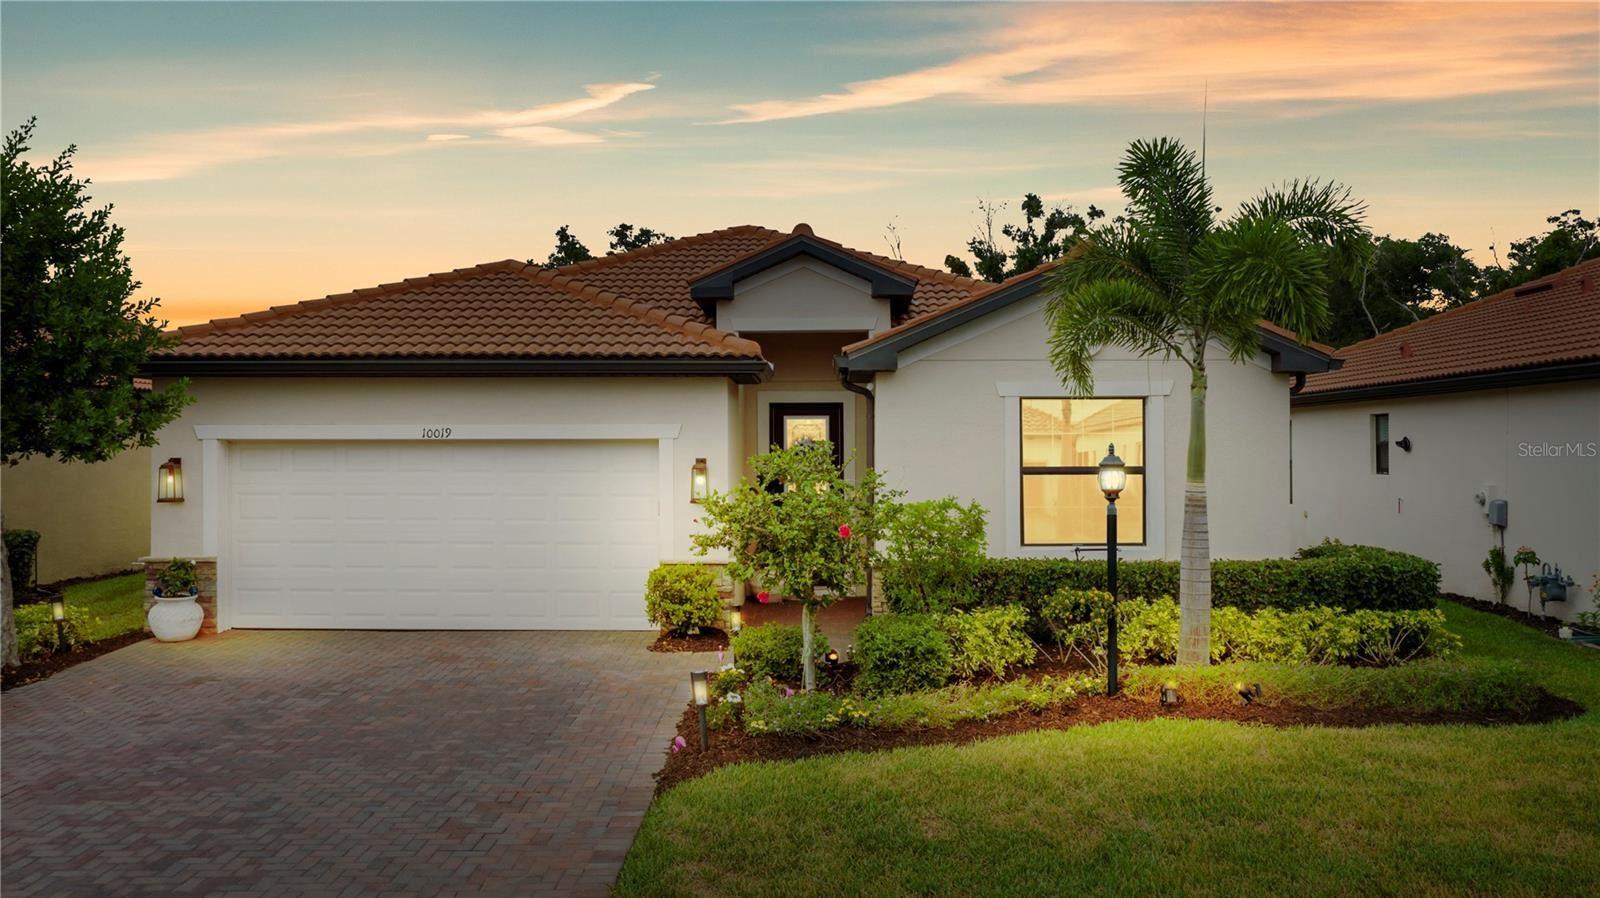 10019 MARBELLA DRIVE, Bradenton, FL 34211 - #: A4500527